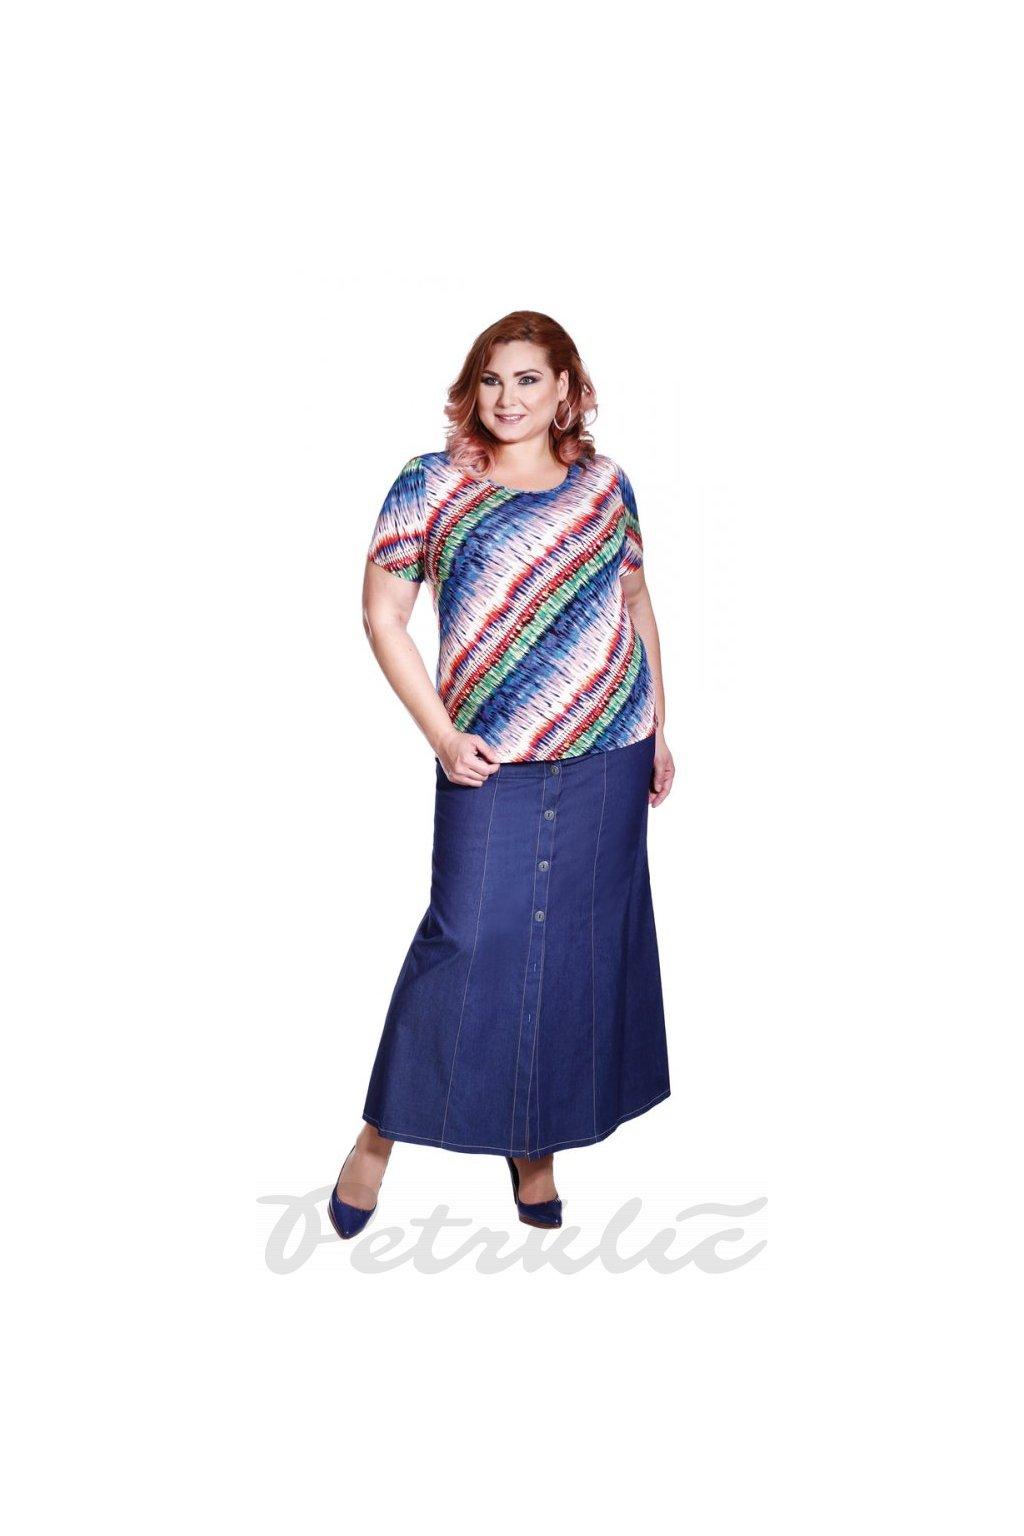 NAĎA - propínací sukně 90 cm - 95 cm